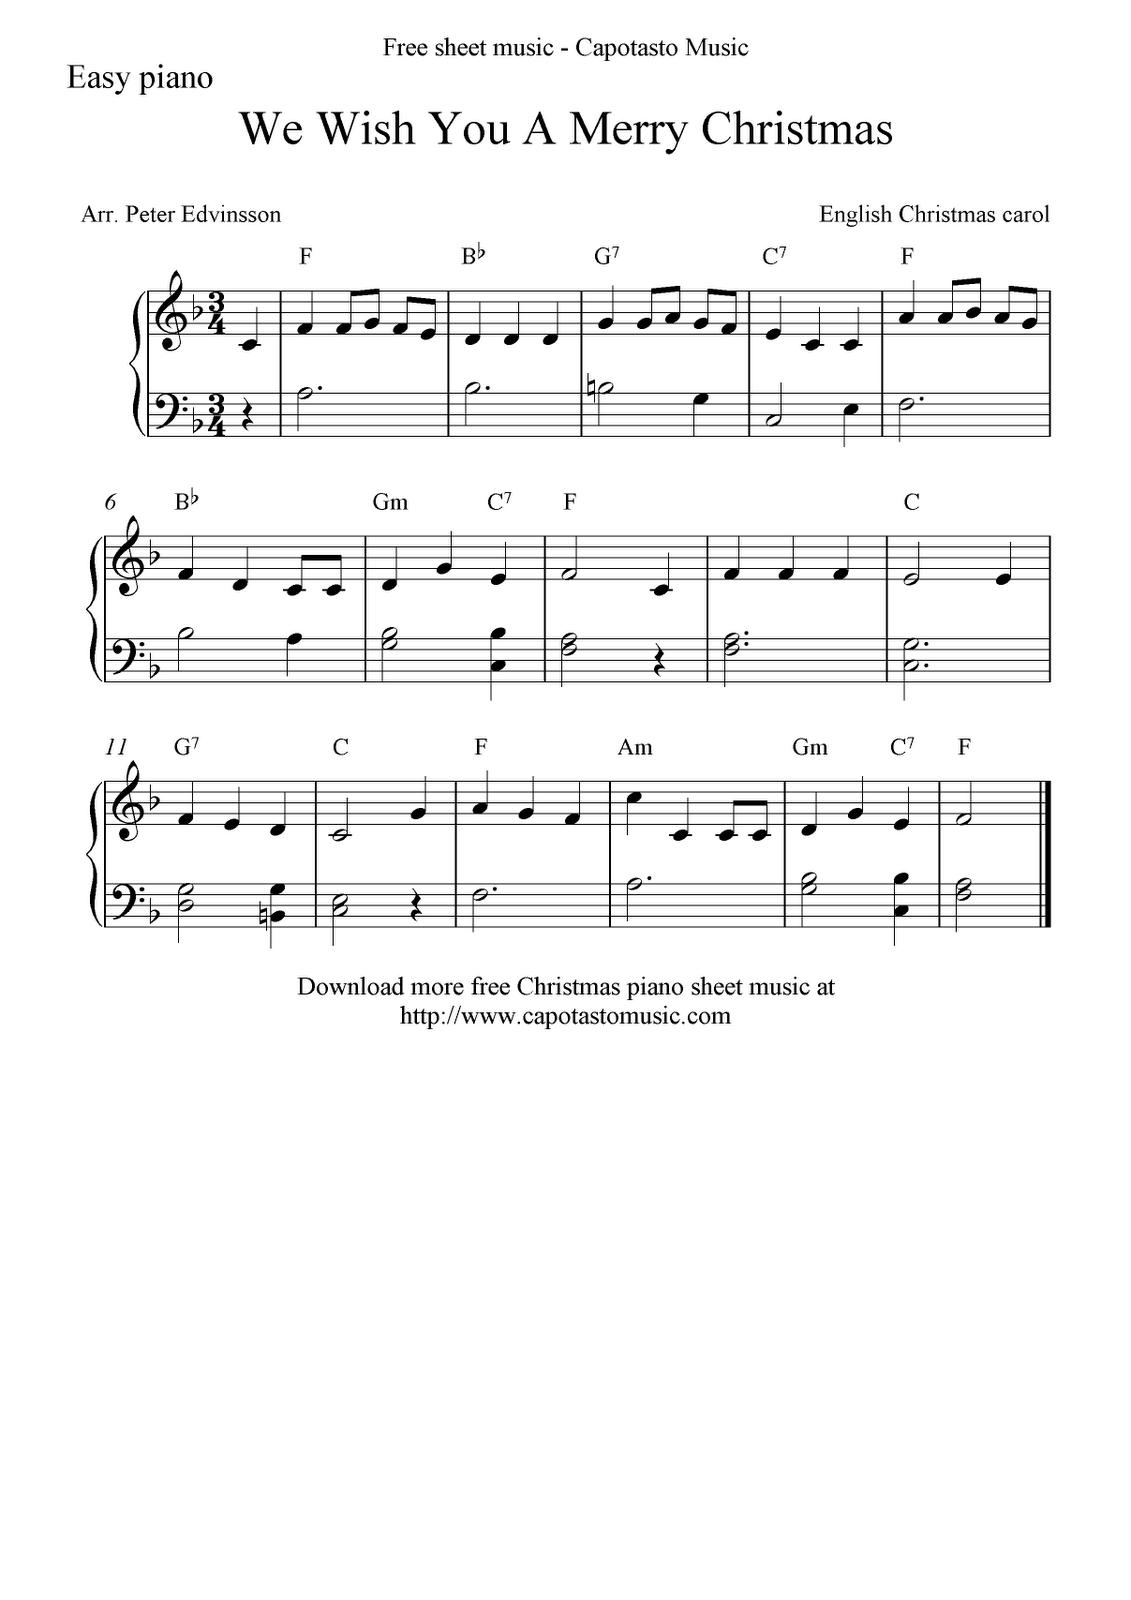 we_wish_you_a_merry_christmas | Christmas piano, Christmas piano sheet music, Merry christmas song